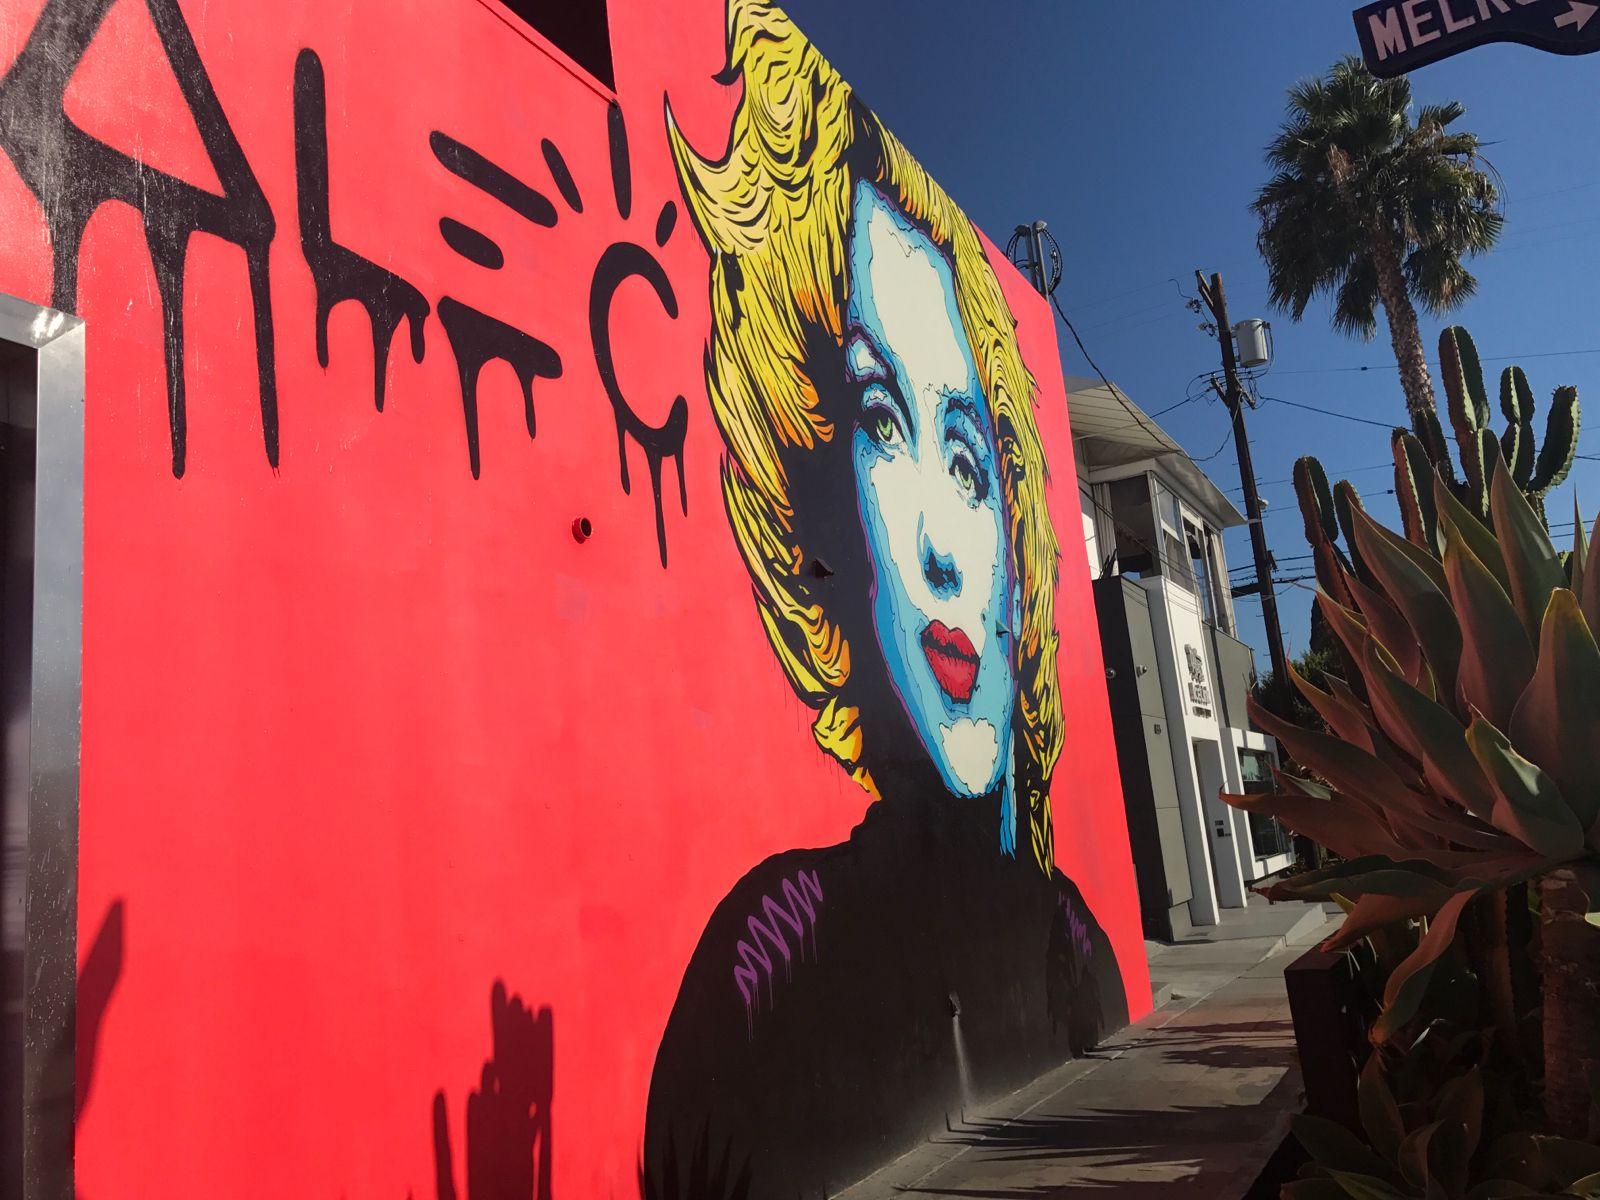 今 の 時間 ロサンゼルス